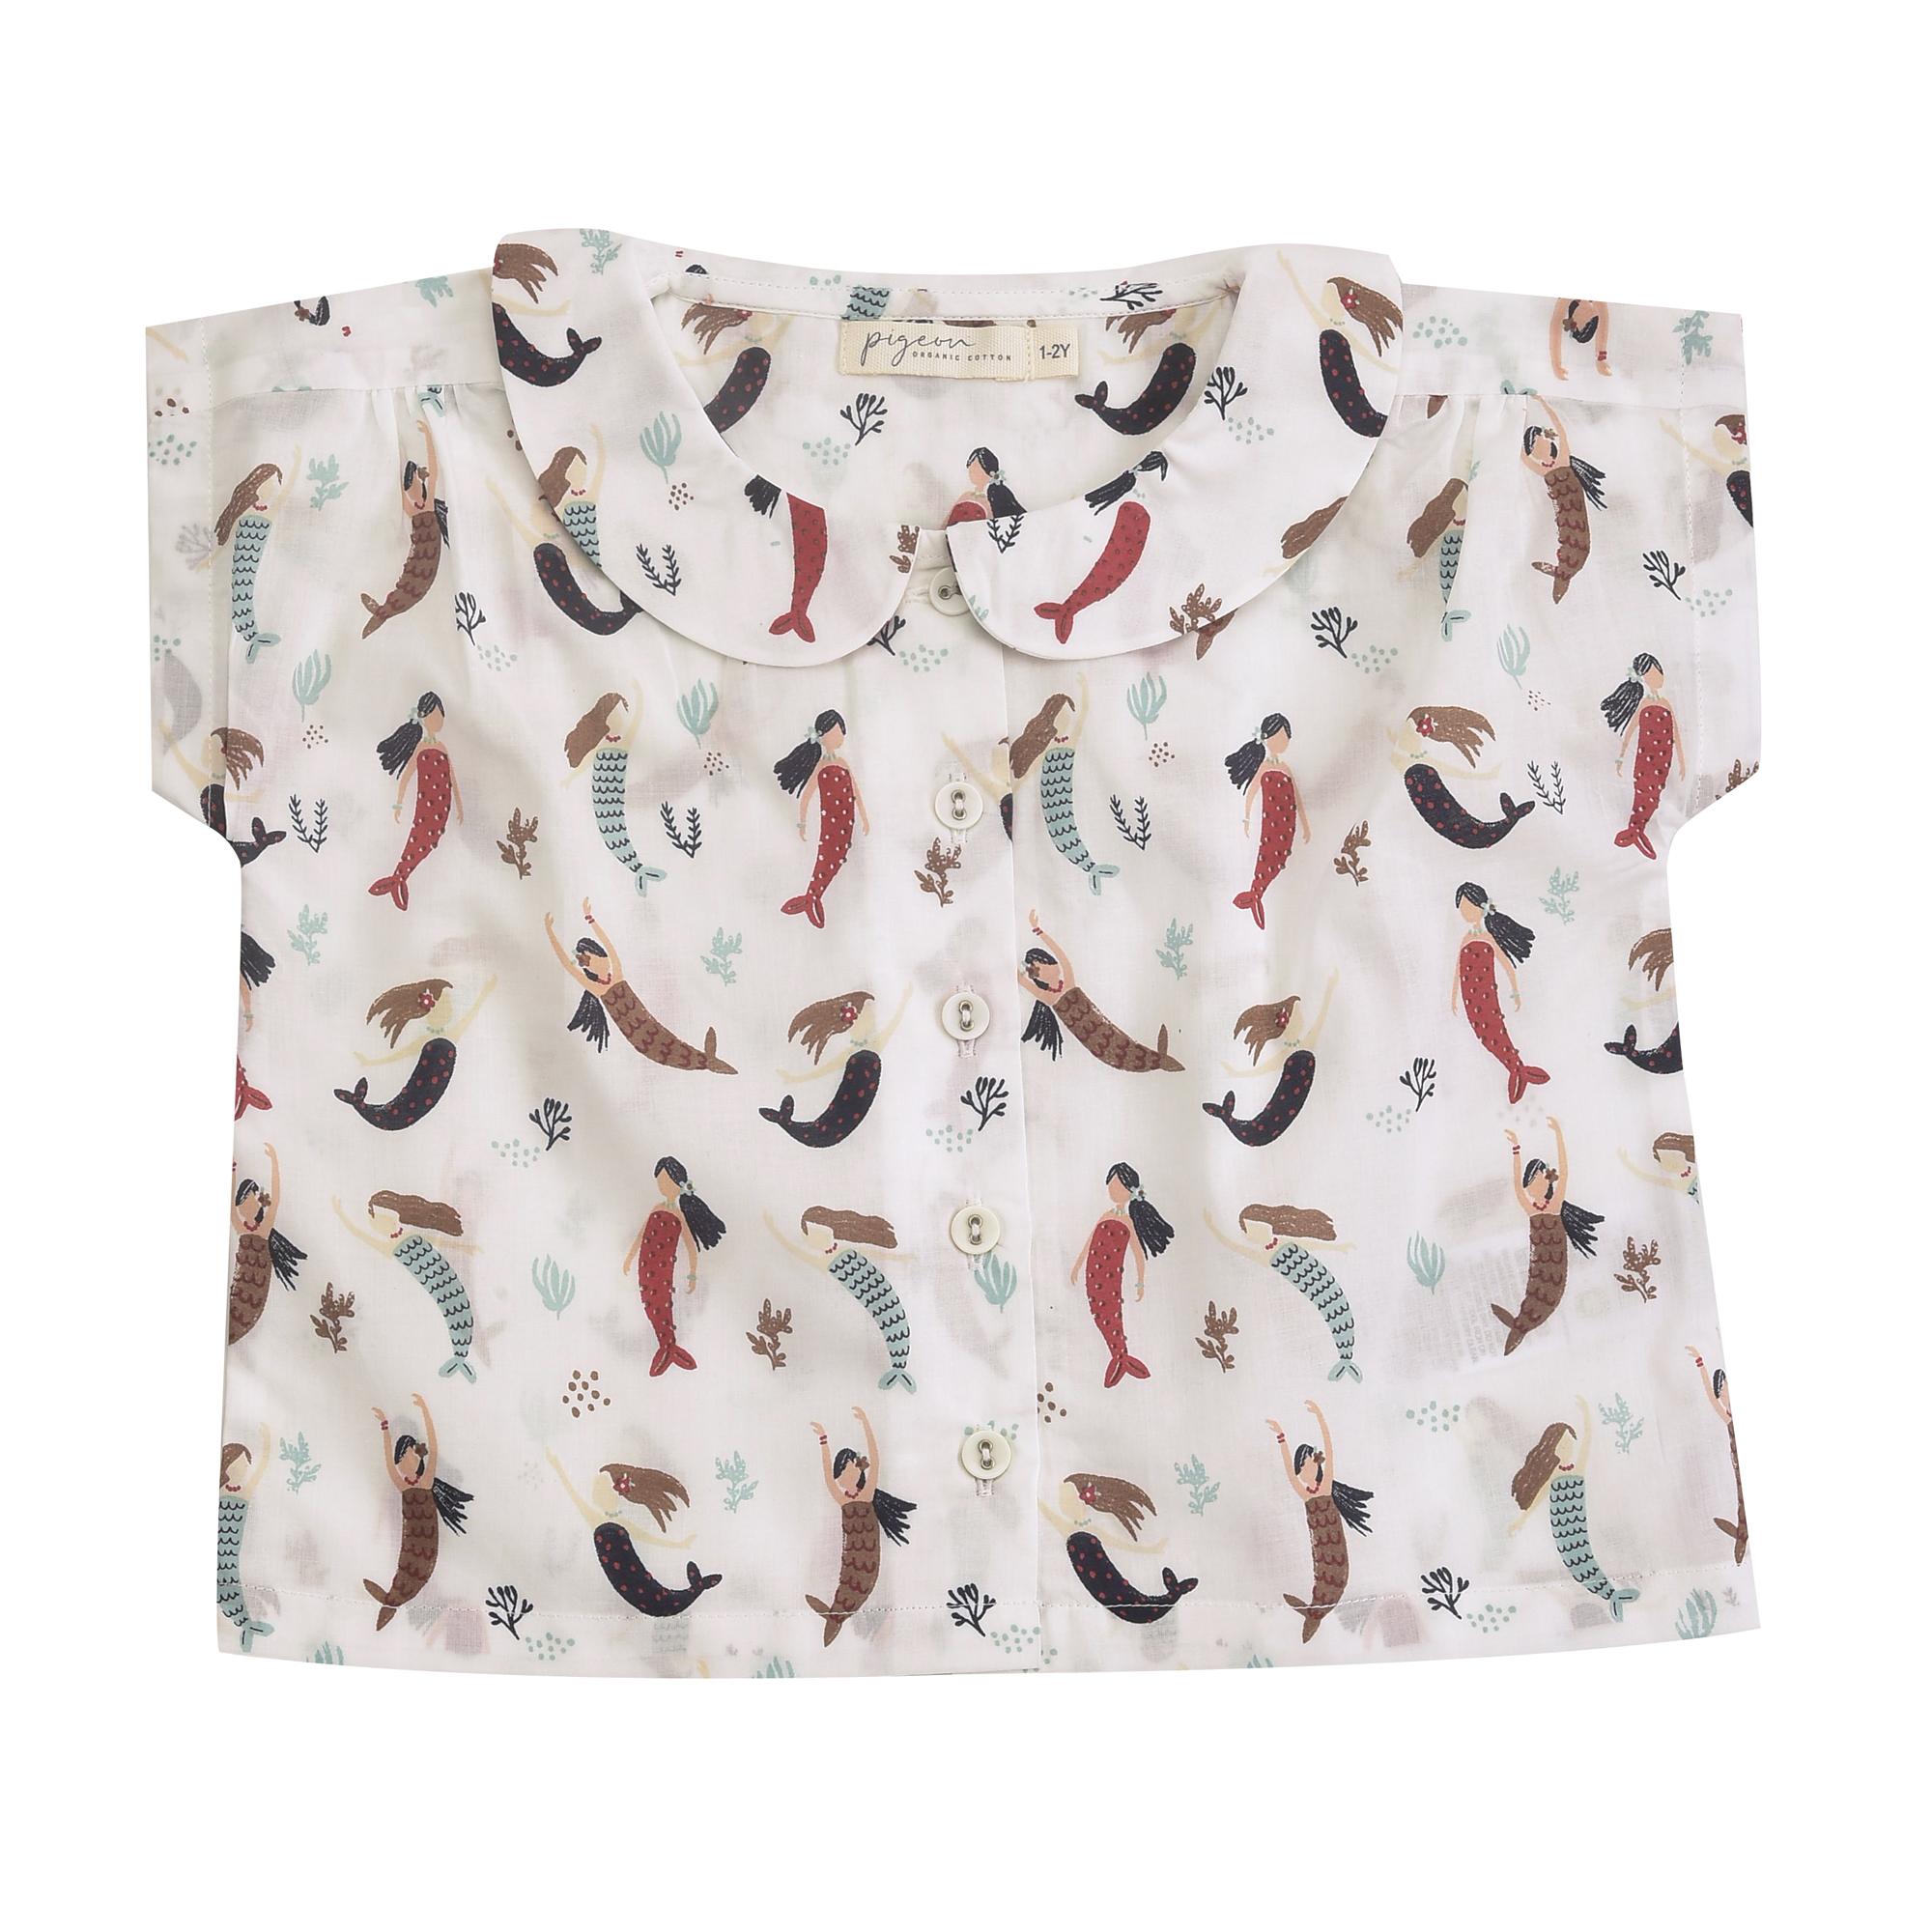 Pigeon Organics Peter Pan Collar Bluse